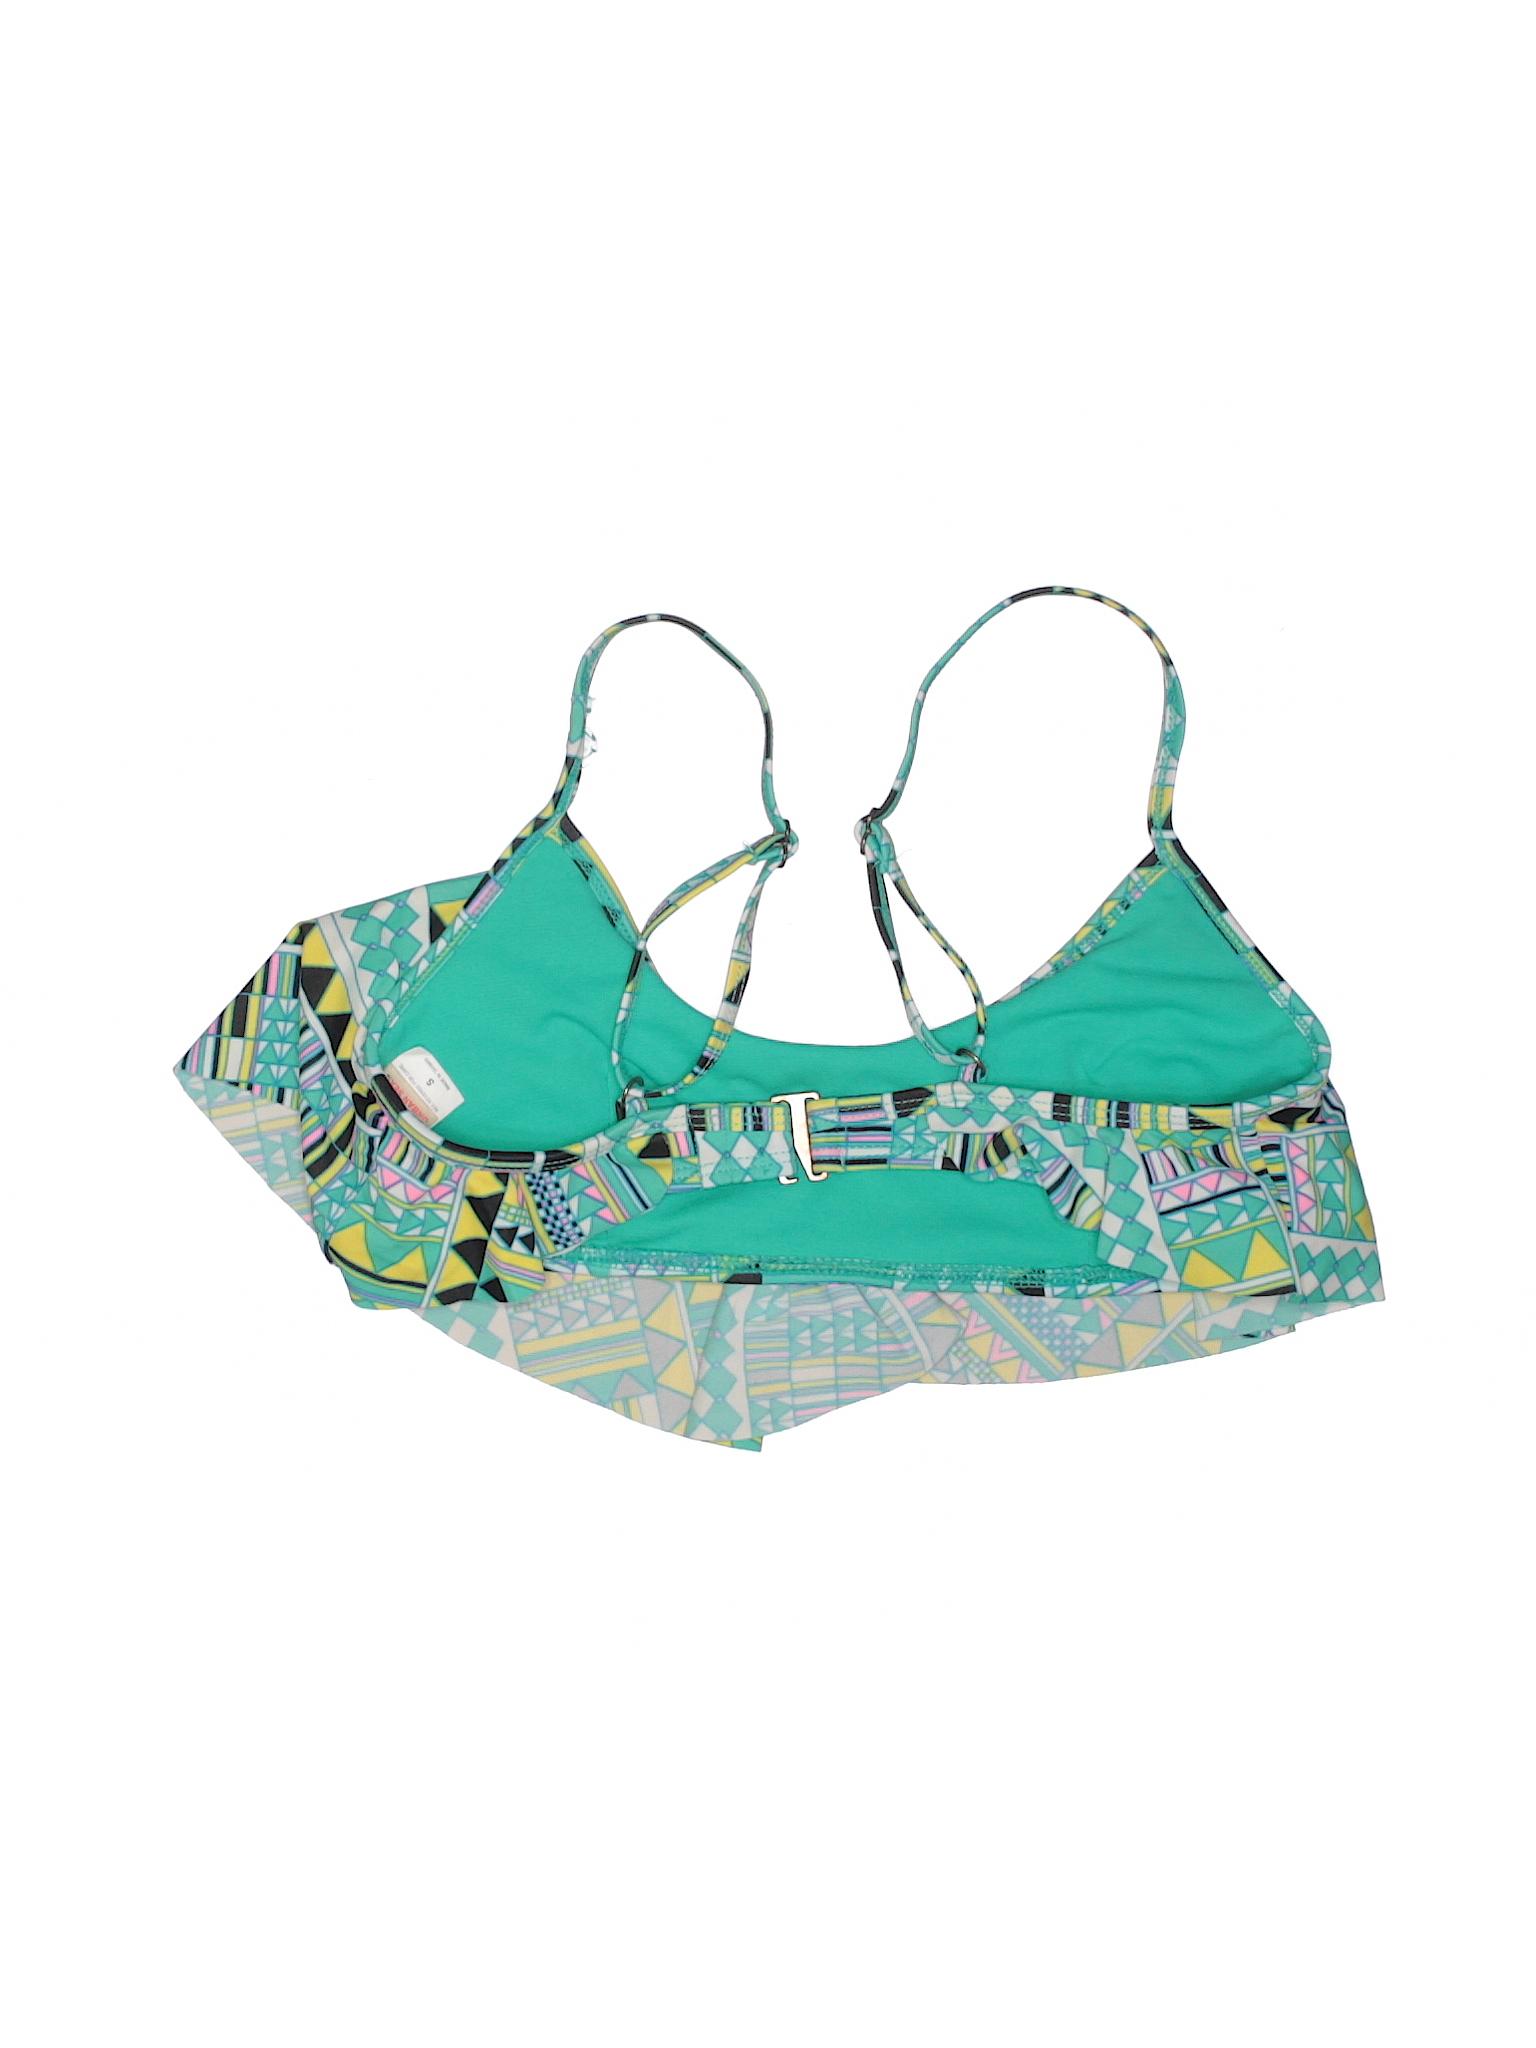 Sea Swimsuit Boutique Boutique Sea Swimsuit Urban Urban Boutique Sea Swimsuit Urban Top Top xW4wUtP1qn